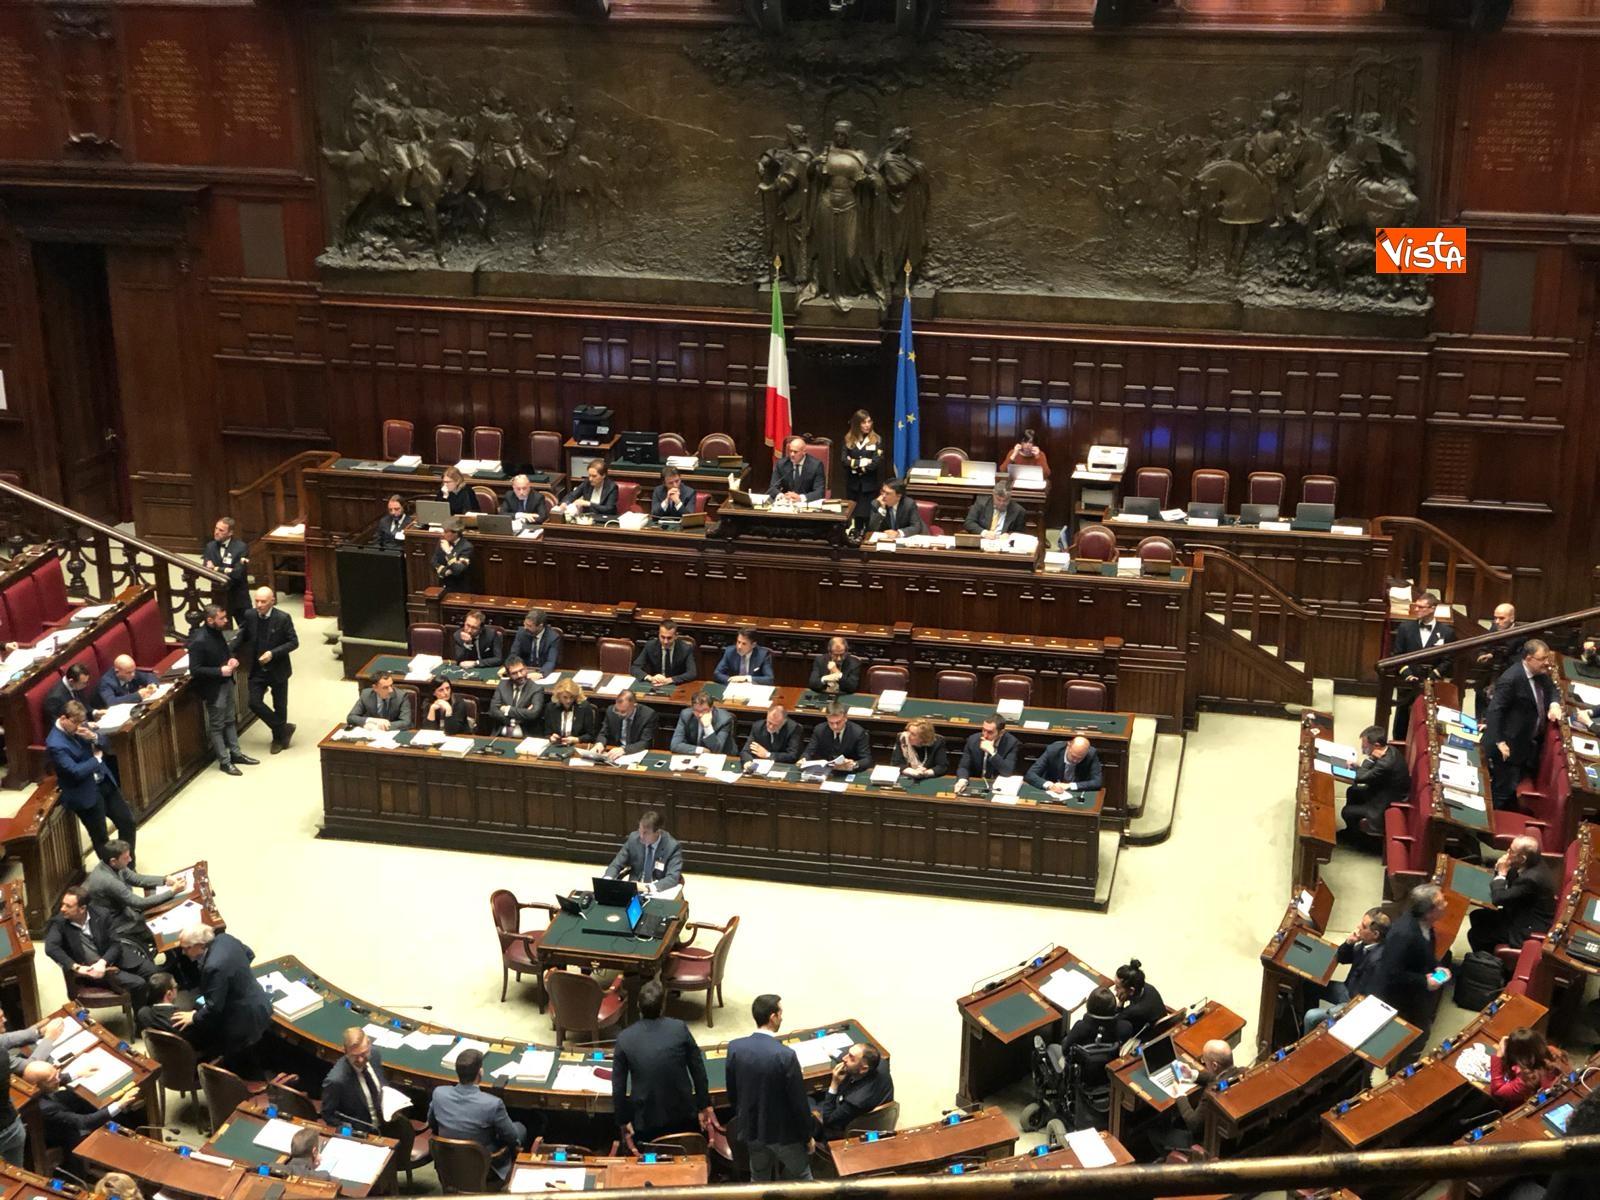 Il voto di fiducia sulla Manovra alla Camera dei Deputati